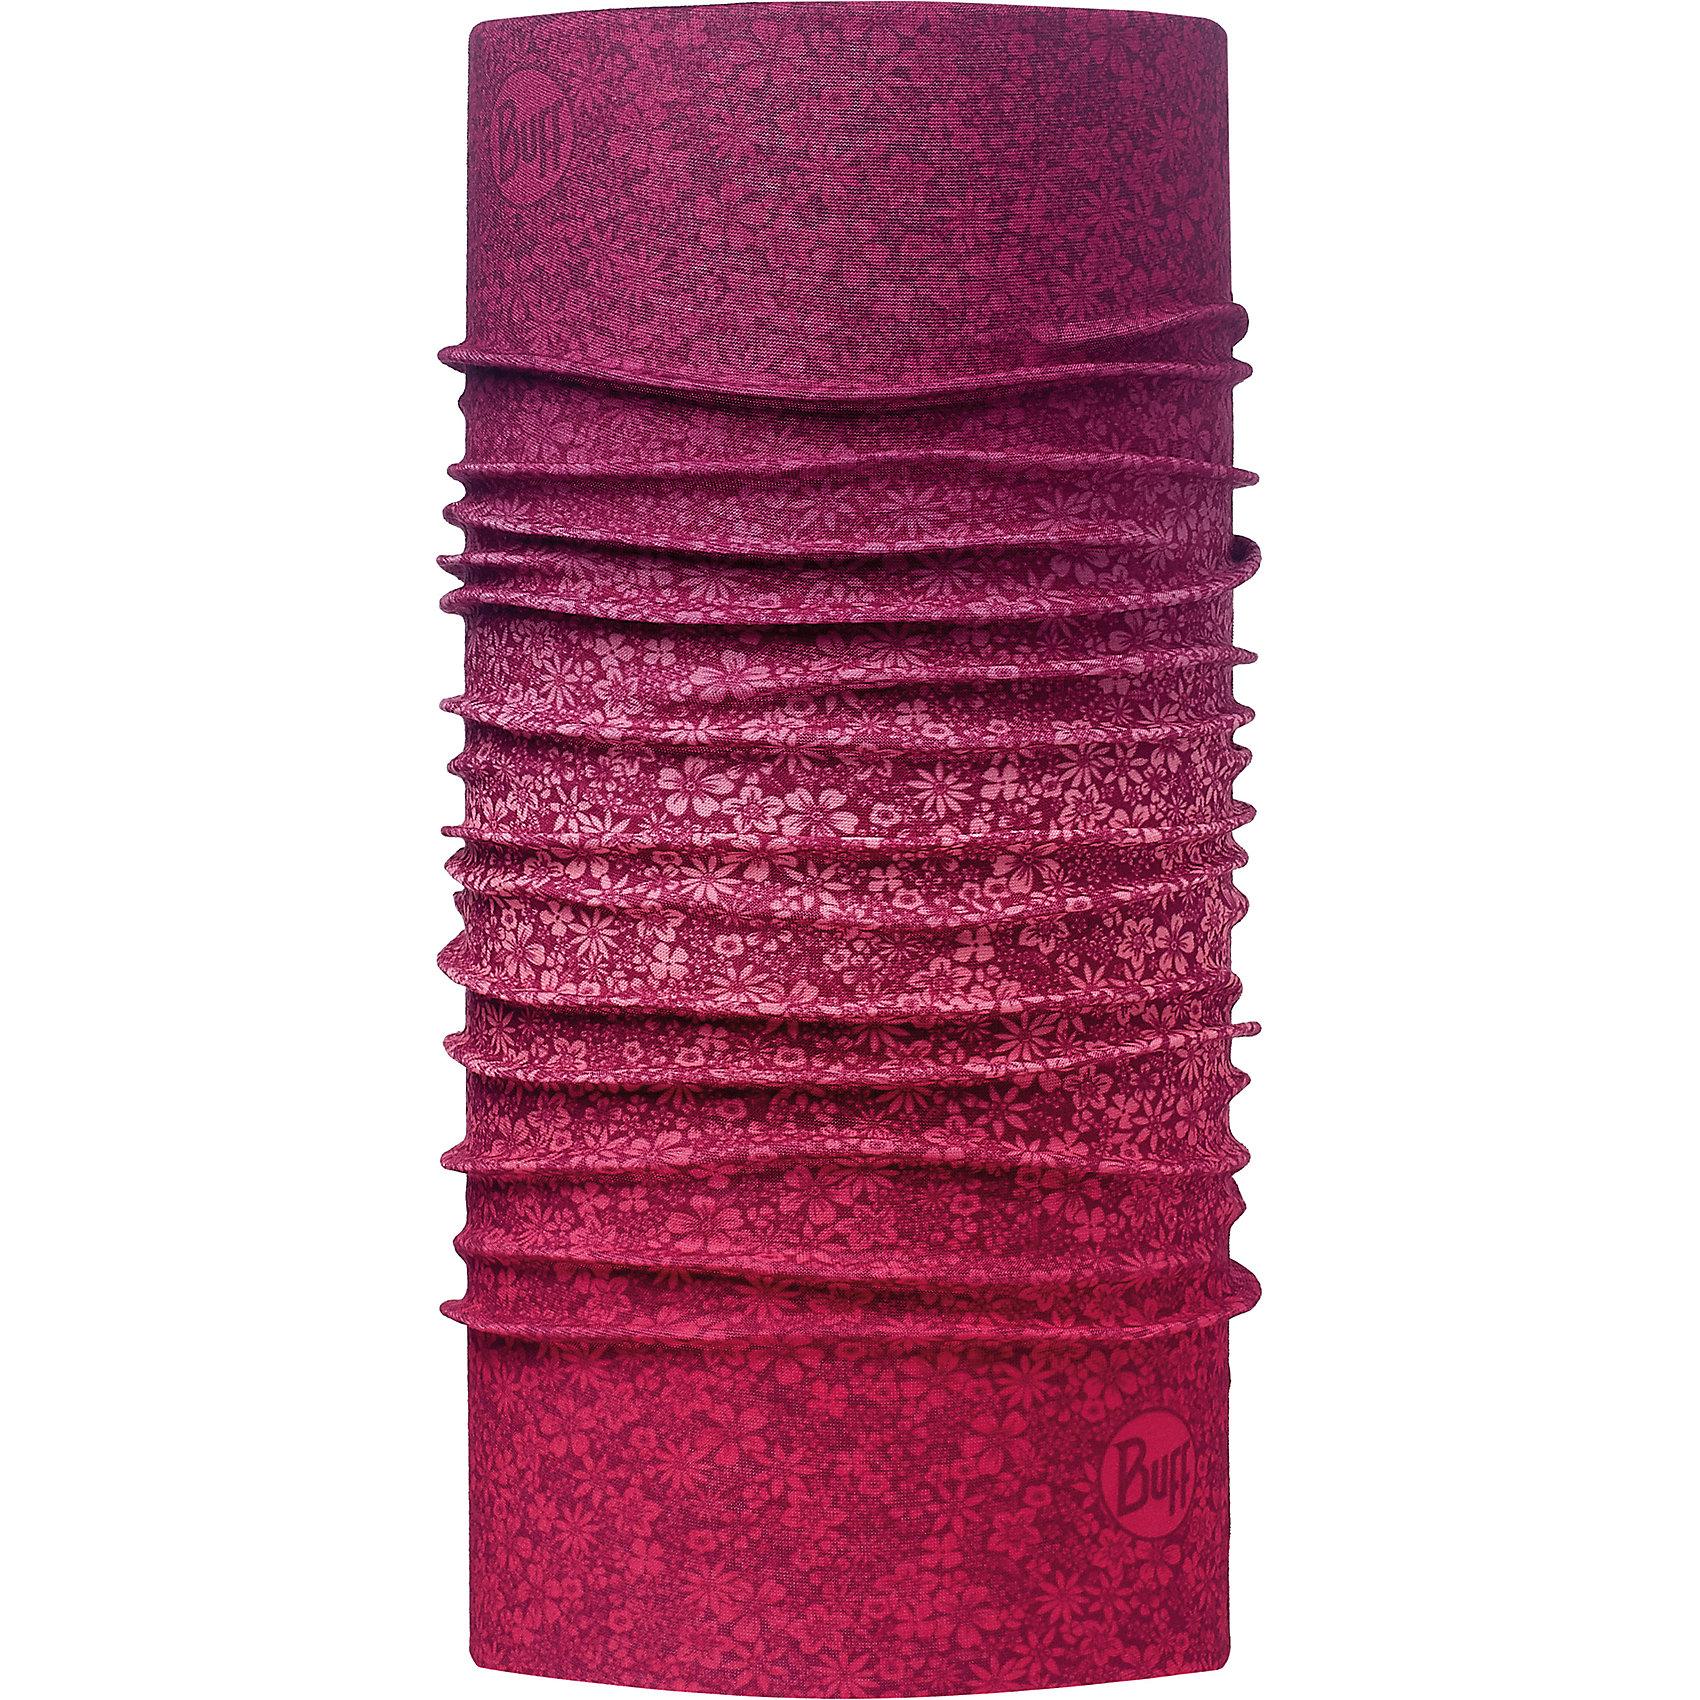 Бандана BUFFГоловные уборы<br>Бандана BUFF <br>Бесшовная бандана-труба из специальной серии Original BUFF. Original BUFF - самый популярный универсальный головной убор из всех серий. <br><br>Сделан из микрофибры - защищает от ветра, пыли, влаги и ультрафиолета. Контролирует микроклимат в холодную и теплую погоду, отводит влагу. Ткань обработана ионами серебра, обеспечивающими длительный антибактериальный эффект и предотвращающими появление запаха. Допускается машинная и ручная стирка при 30-40градусах. Материал не теряет цвет и эластичность, не требует глажки. <br><br>Original BUFF можно носить на шее и на голове, как шейный платок, маску, бандану, шапку и подшлемник. <br><br>Свойства материала позволяют использовать бандану Original BUFF в любое время года, при занятиях любым видом спорта, активного отдыха, туризма или рыбалки.<br>Состав:<br>Полиэстер 100%<br><br>Ширина мм: 89<br>Глубина мм: 117<br>Высота мм: 44<br>Вес г: 155<br>Цвет: фиолетовый<br>Возраст от месяцев: 84<br>Возраст до месяцев: 1188<br>Пол: Унисекс<br>Возраст: Детский<br>Размер: one size<br>SKU: 5568689